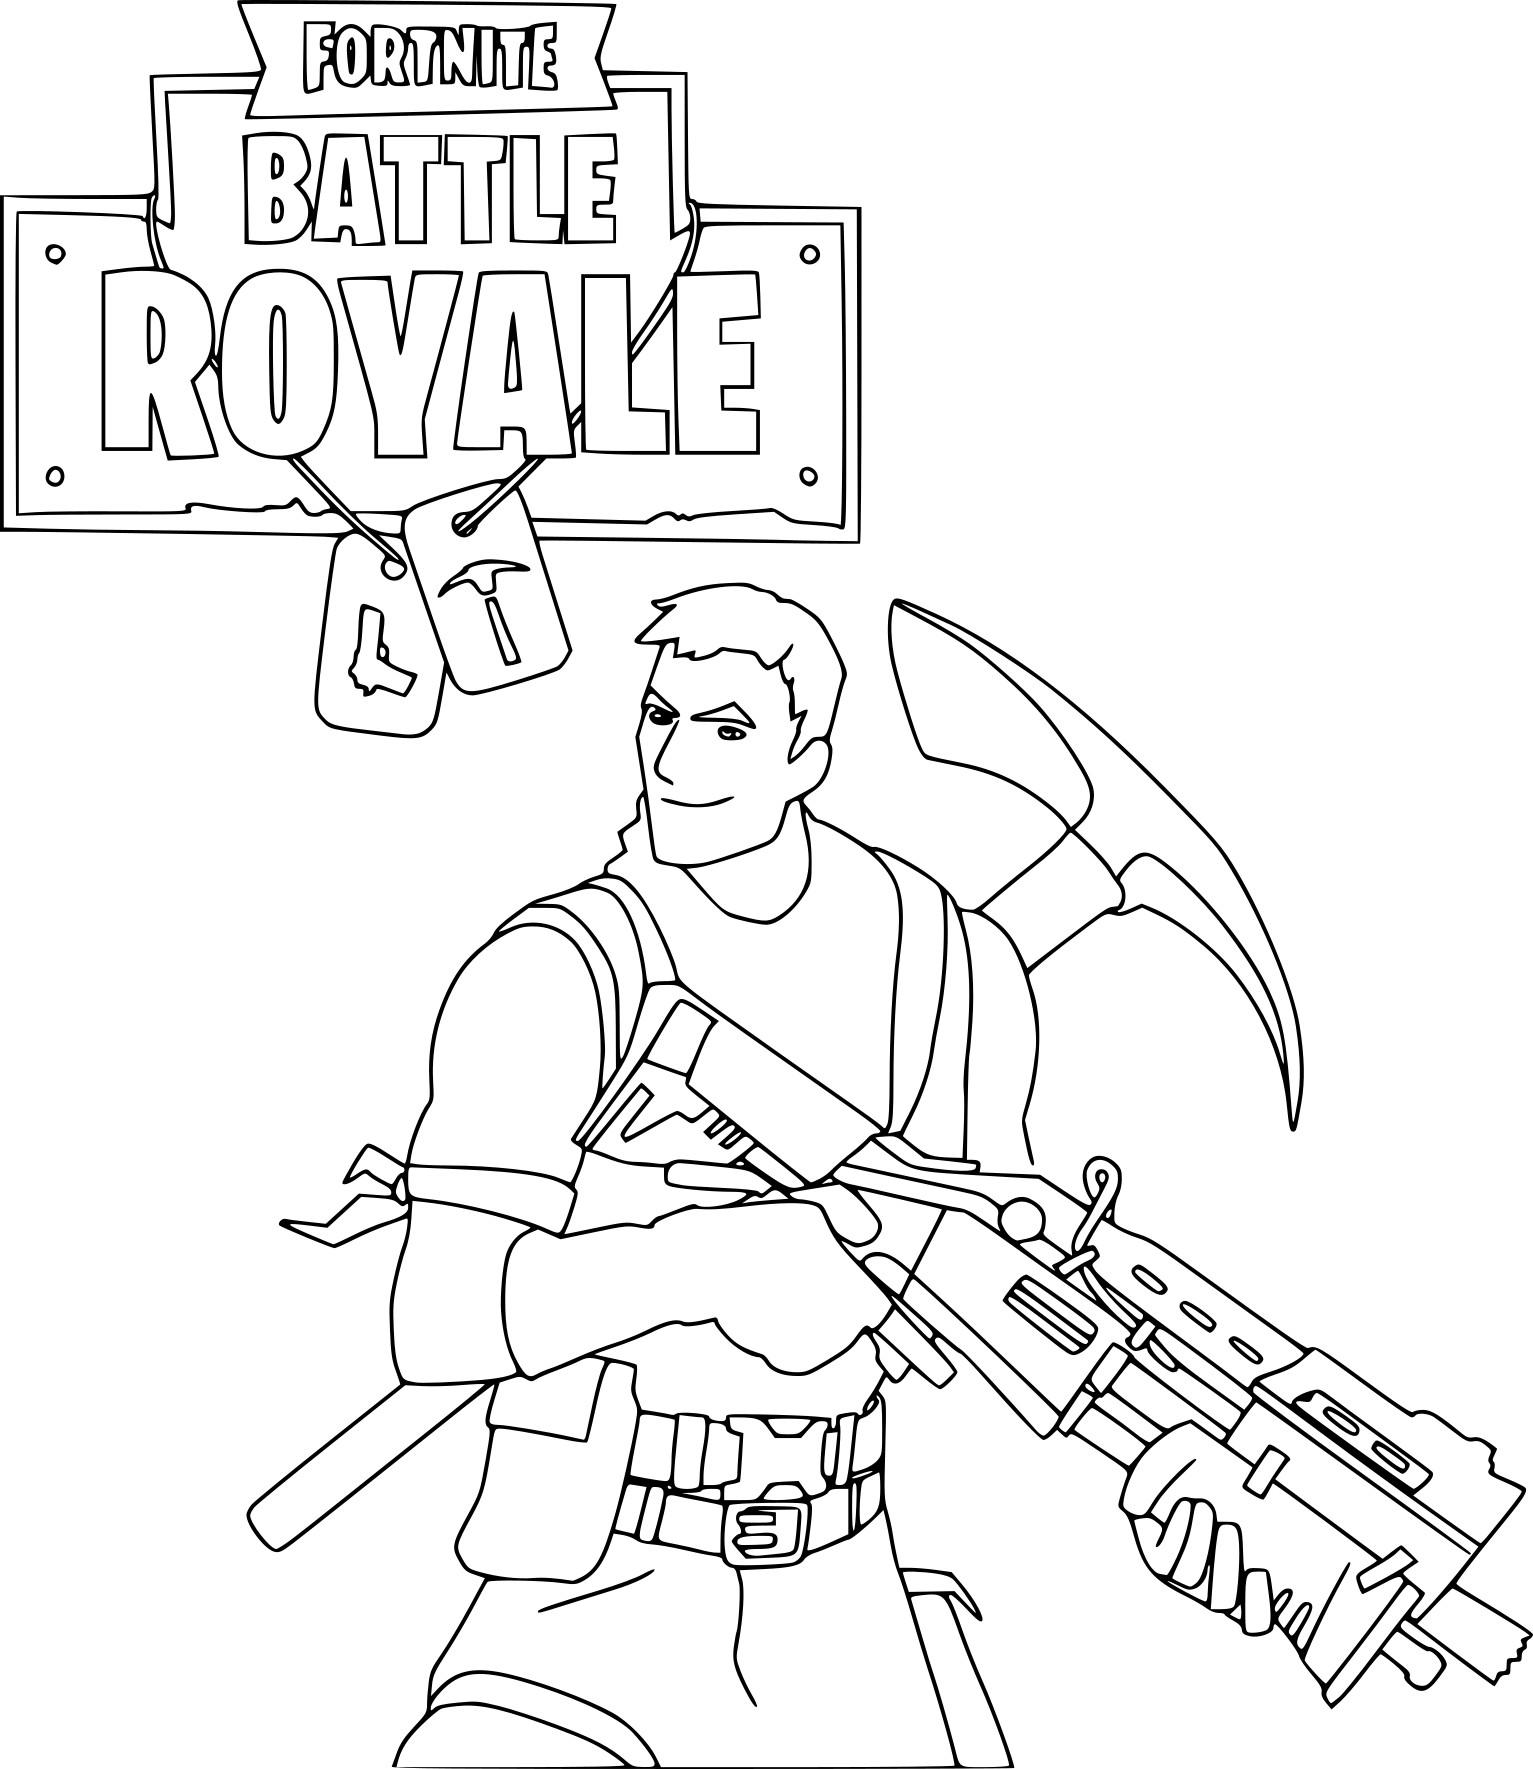 Coloriage du jeu en ligne Fortnite à imprimer et colorier